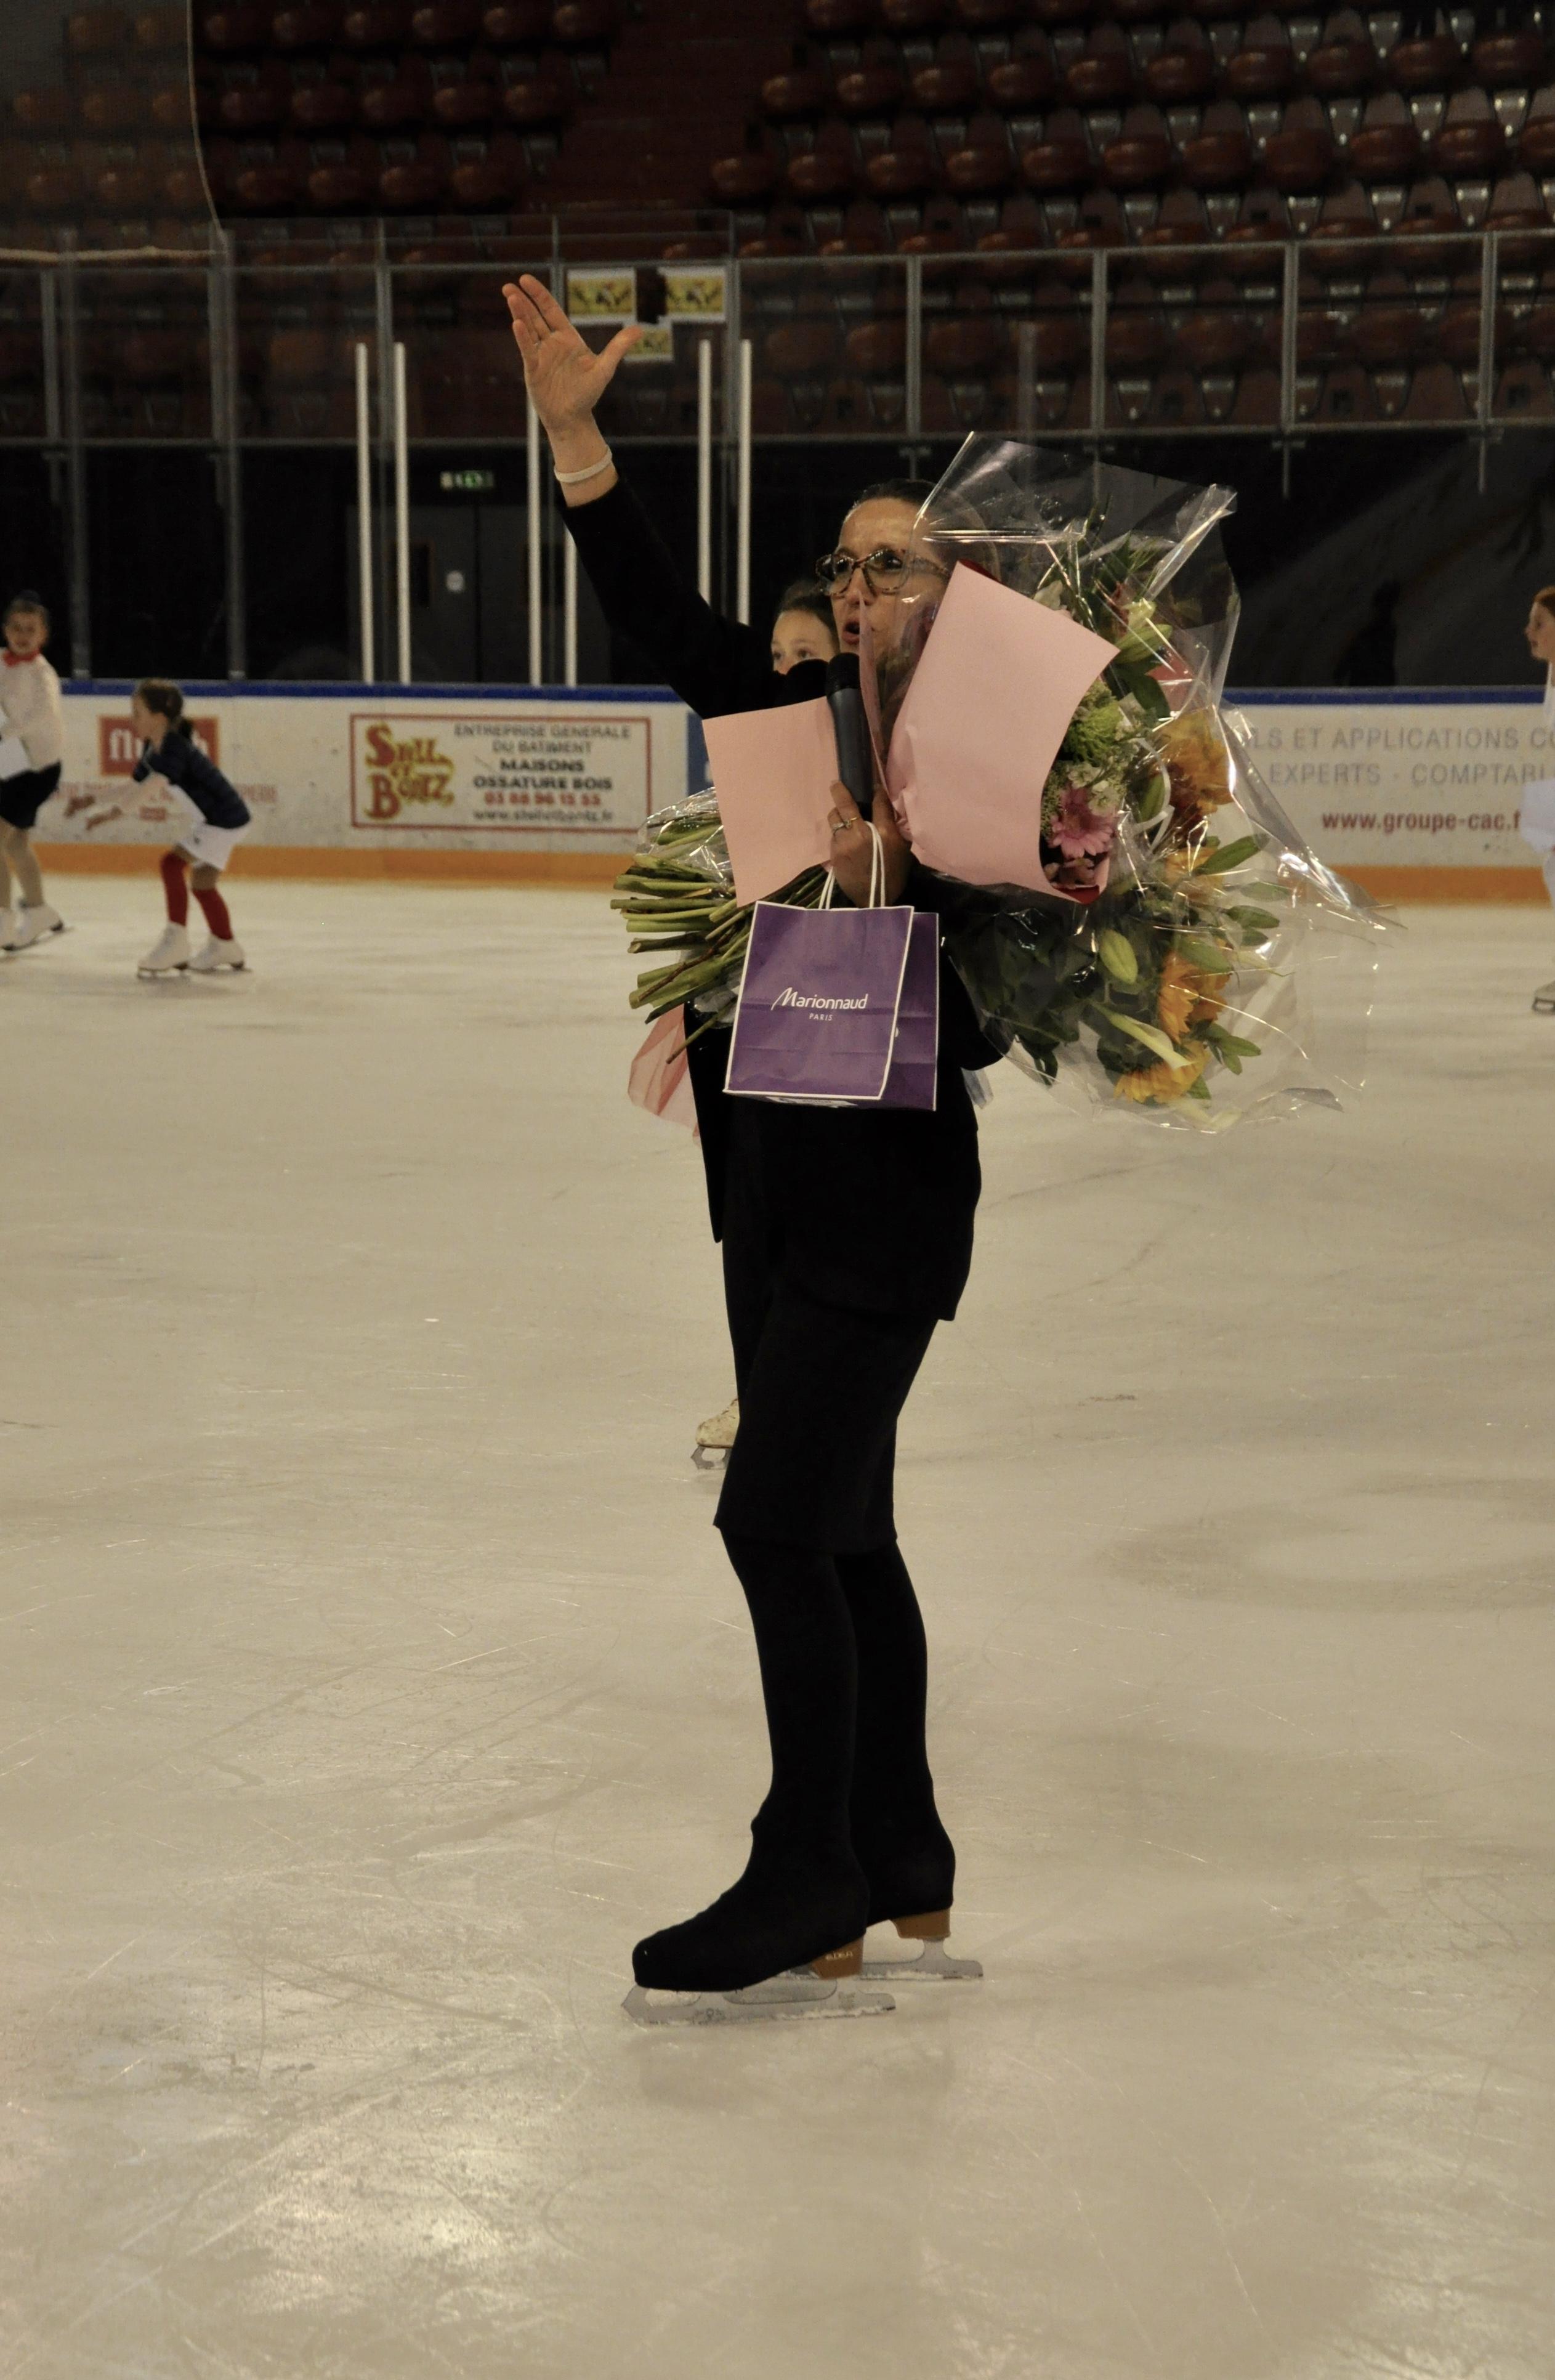 Remerciement à notre entraîneur, Patricia Odet Rodriguez